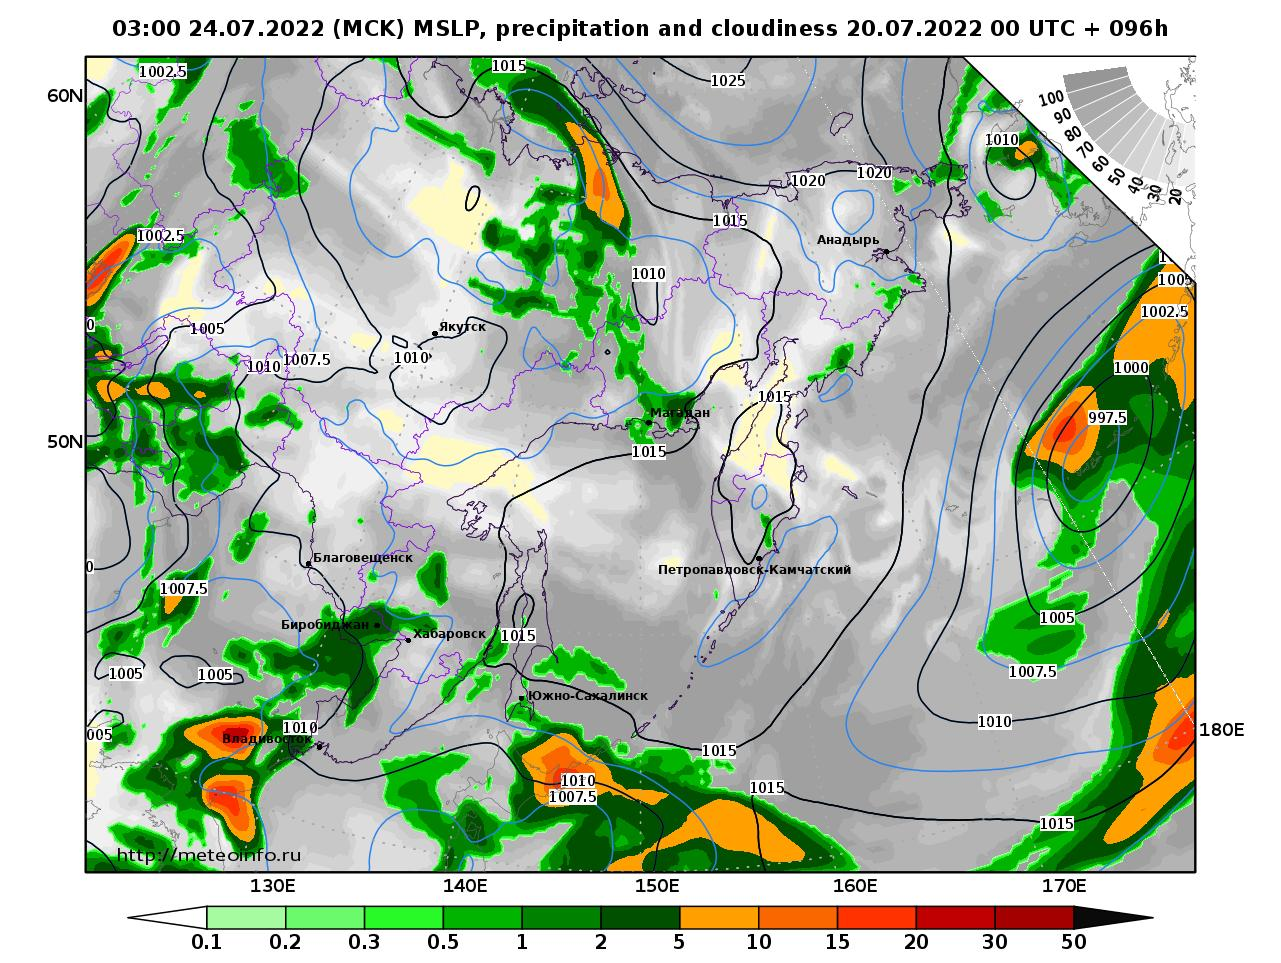 Дальний Восток, прогностическая карта осадки и давление, заблаговременность прогноза 96 часов